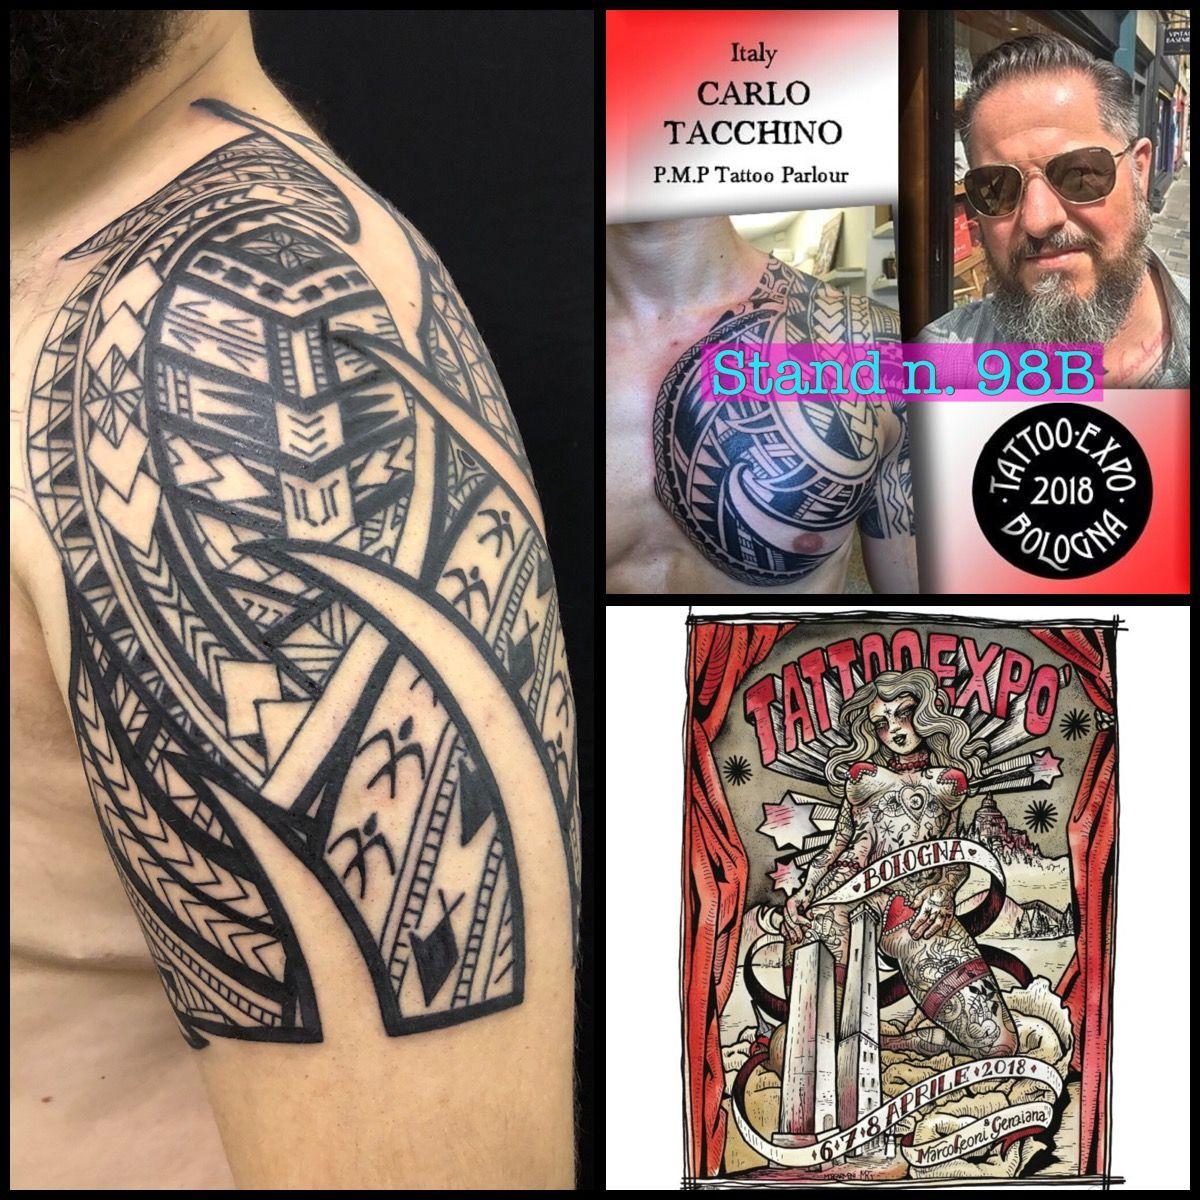 PMP tattoo parlour 🖤Carlo Bologna tattoo Expo 6-7-8 Aprile ...